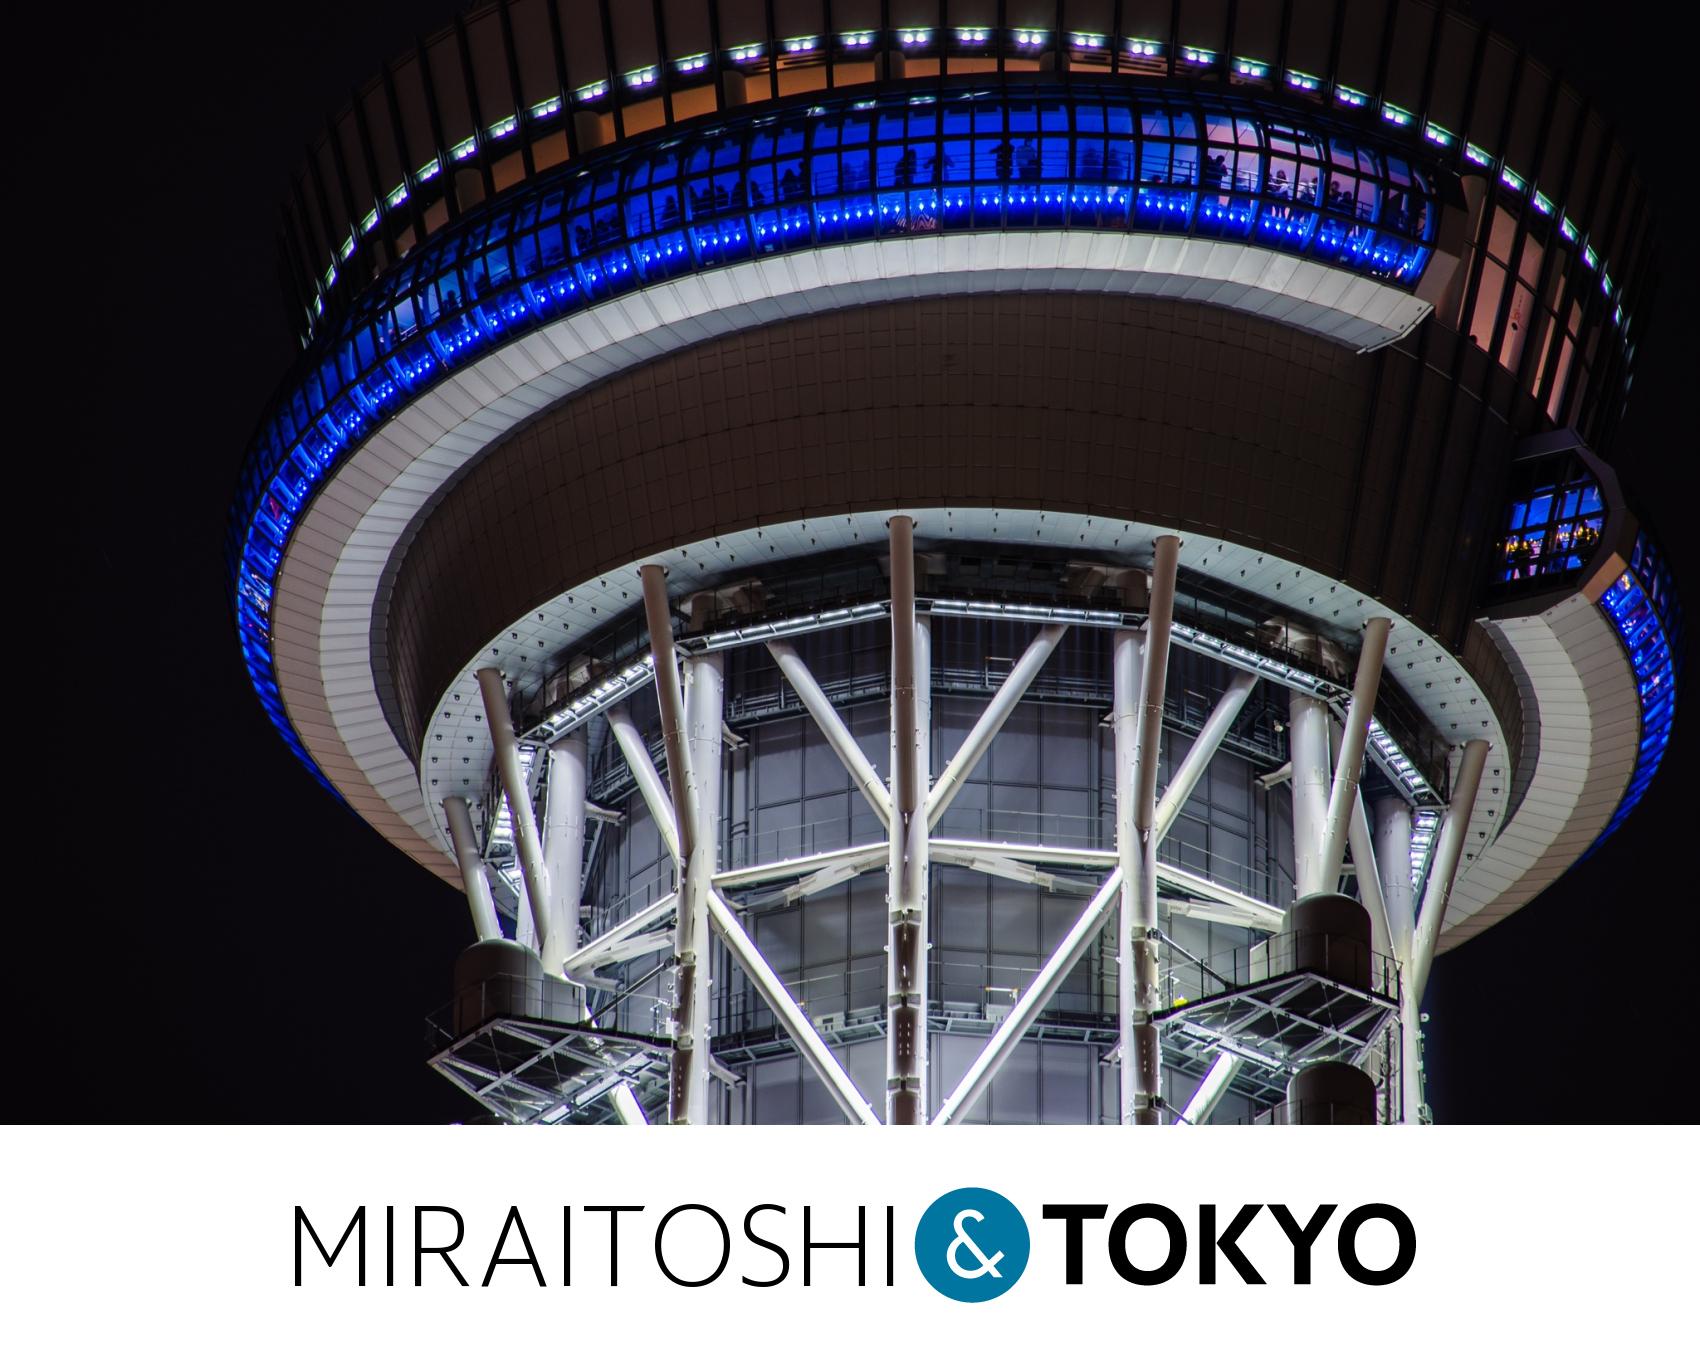 Photo: 「夜空に浮かぶ展望台」 / Observation deck floating in the night sky.  この1枚は 2014年の2月にIsland Galleryで開催された Takahiro Yamamotoさんに選ばれた25人による グループ写真展「東京二十五夜物語」で 初めてこのギャラリーで展示させていただいた1枚です。  この時は東京の夜景というテーマで 私も小鳥ではなくスカイツリーの作品を展示しました。  それから夏には三人写真展に参加させていただき、 その後も25人展などのグループ展への参加がありました。  そして明後日の20日の金曜日から10日間、 個展と言う形で このギャラリーを私の写真だけ埋め尽くします。  最初は25分の1だったのが、 1分の1になります。  アートフォトという 日本ではまだまだアートとしての認知の弱い分野を 底上げしようと 日本内でもその先頭を走っている このIsland Galleryで個展できること、 ほんとに最高の喜びです。  ここまで来れたのは ほんとにたくさんの方との縁から、 応援と支え、 みなさんの力を少しずつ 分けてもらえたおかげだと思います。  もちろんまだ写真家としては 駆け出しで、 更なる精進が必要だと思います。  ただ大きな一歩の晴れ舞台 その成果をぜひ見にきていただきたいです。 引き続き未来を見つめ 地に足をつけながら歩んでいきます。  明後日より東京京橋にあるIsland Galleryで みなさんのご来廊をお待ちしています。  #andtokyo #CoolJapan #100Tokyo  大塩貴文 写真展『まなざし』 2015年11月20日[金]-29日[日] < http://islandgallery.jp/12134 >